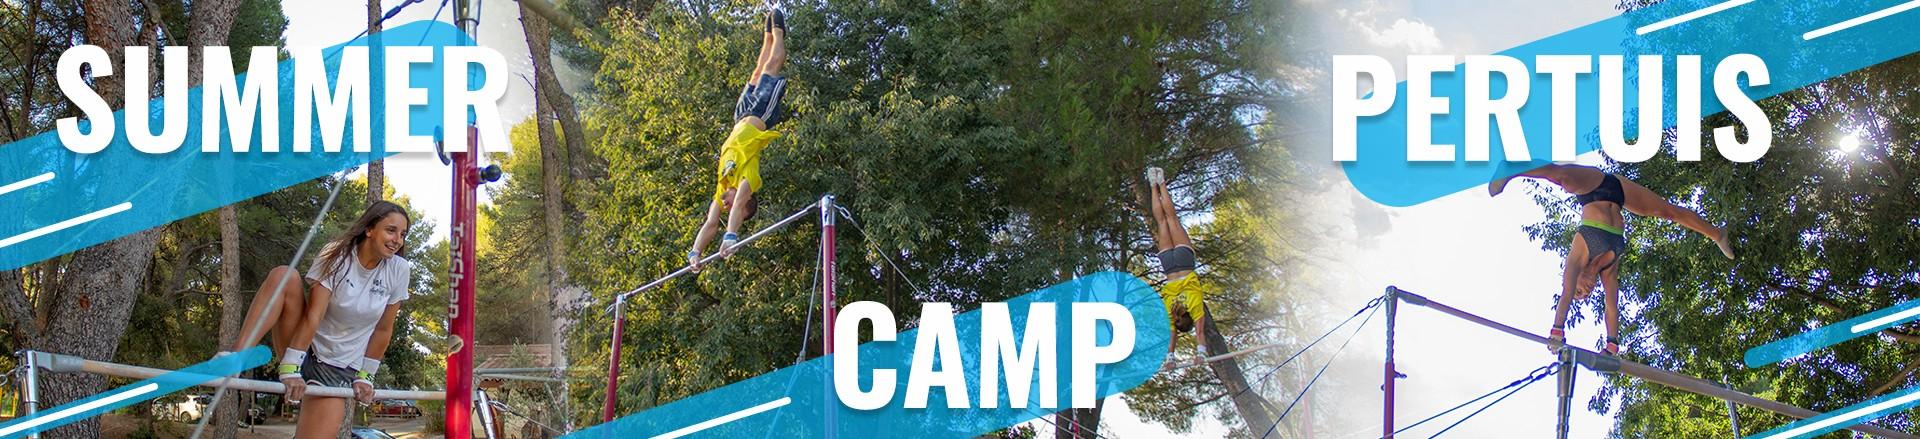 Les agrès de gym extérieurs au Summer Camp Pertuis